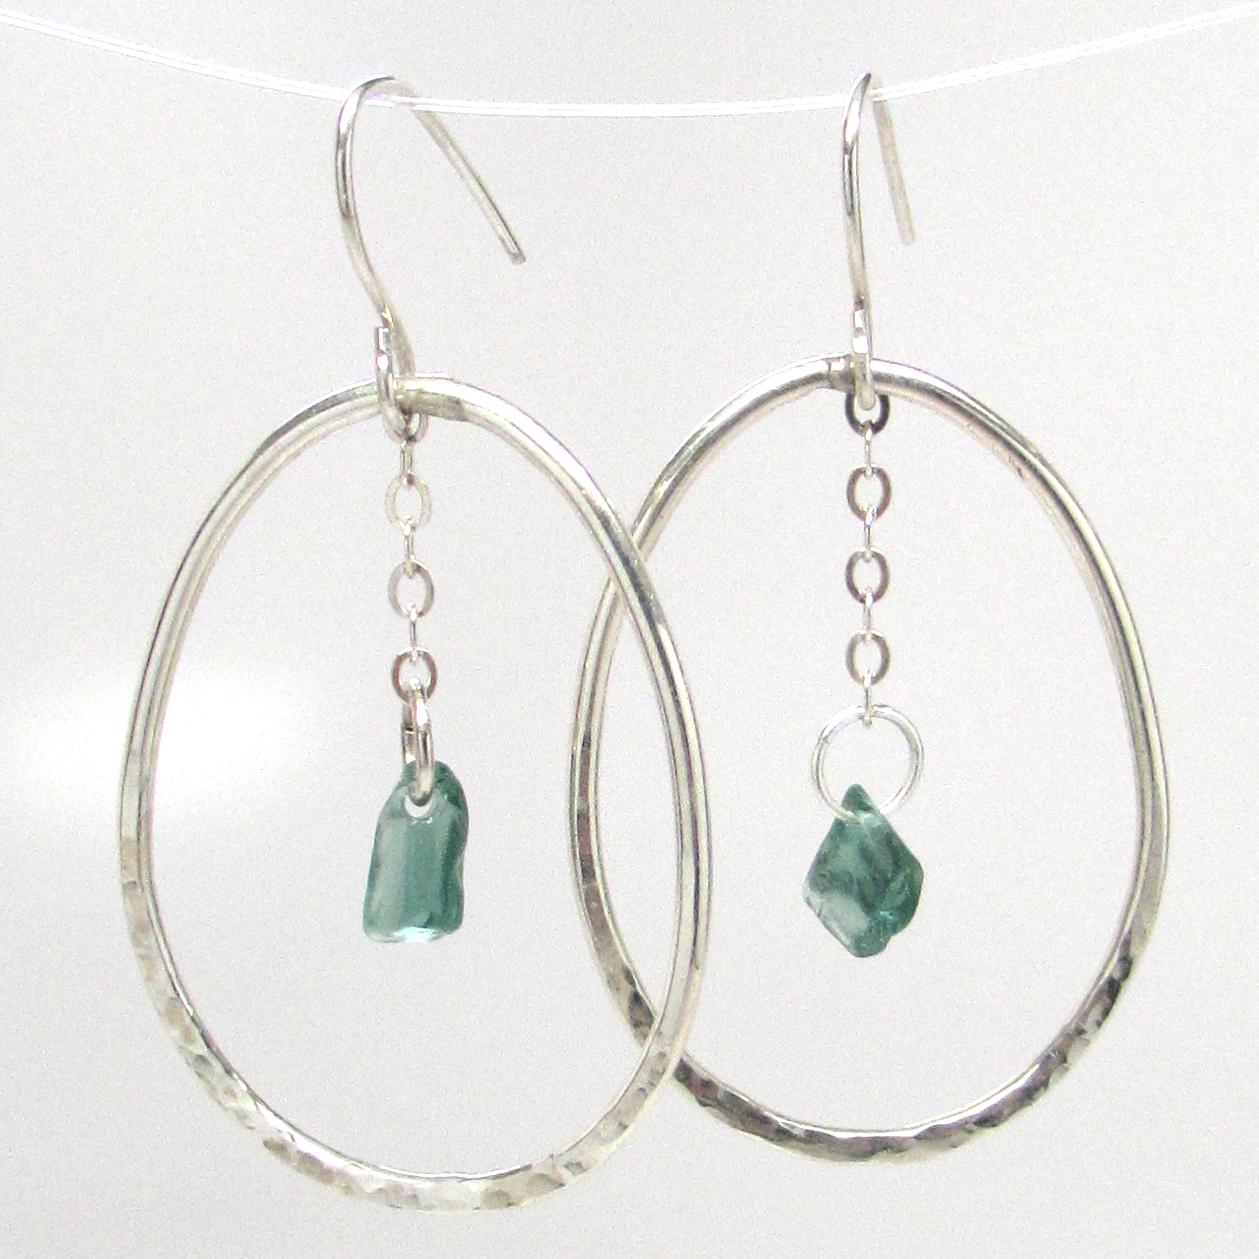 Hammered Pendulum Hoop Earrings